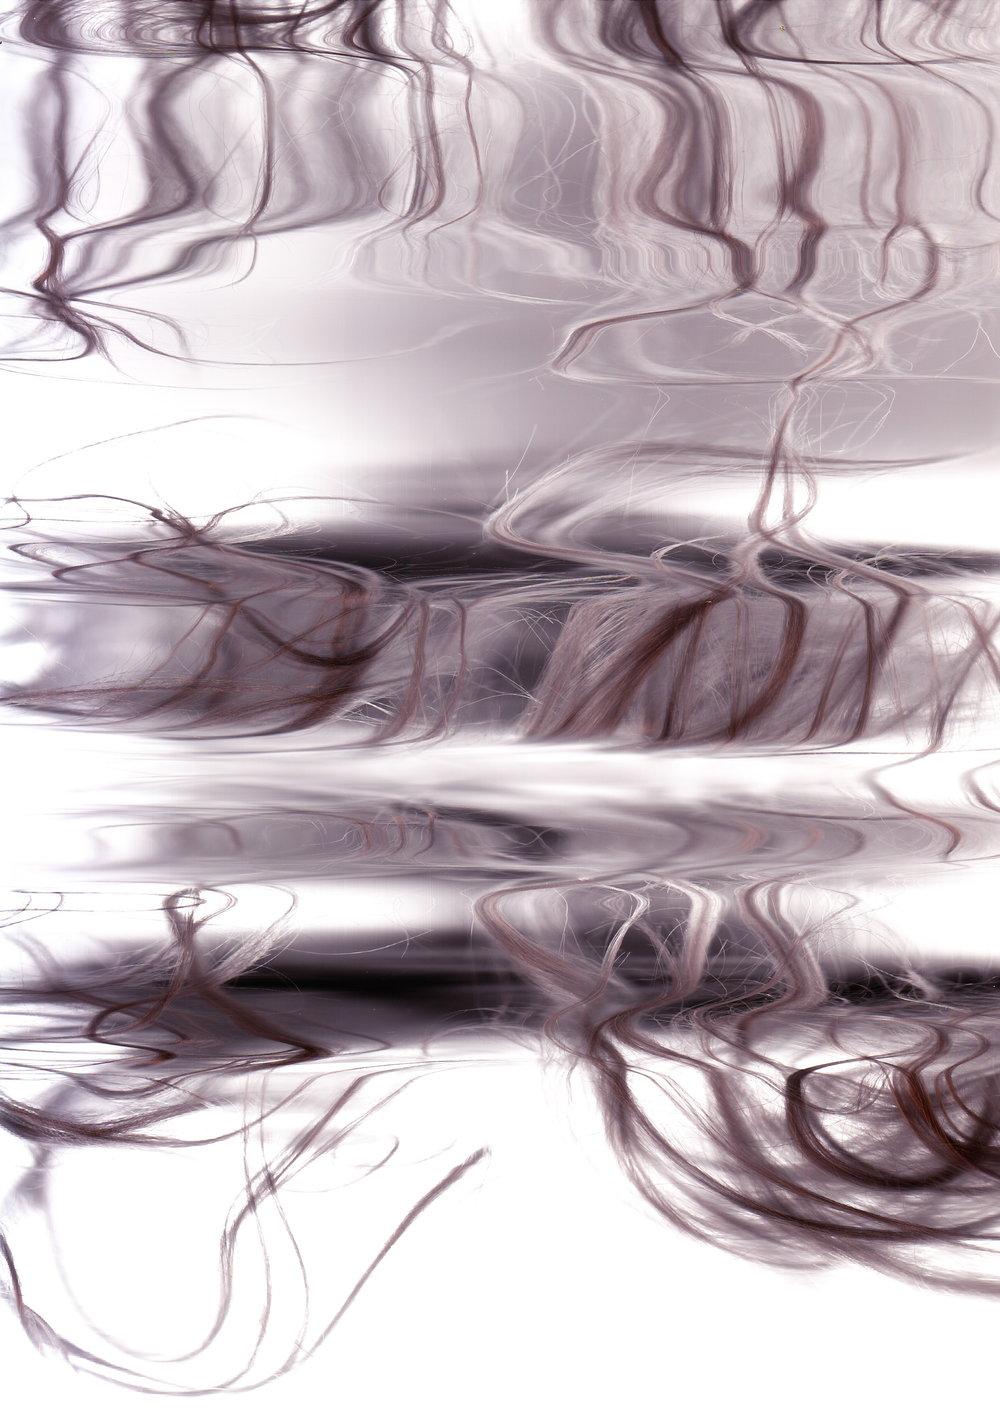 hair squash 1_0002.jpg